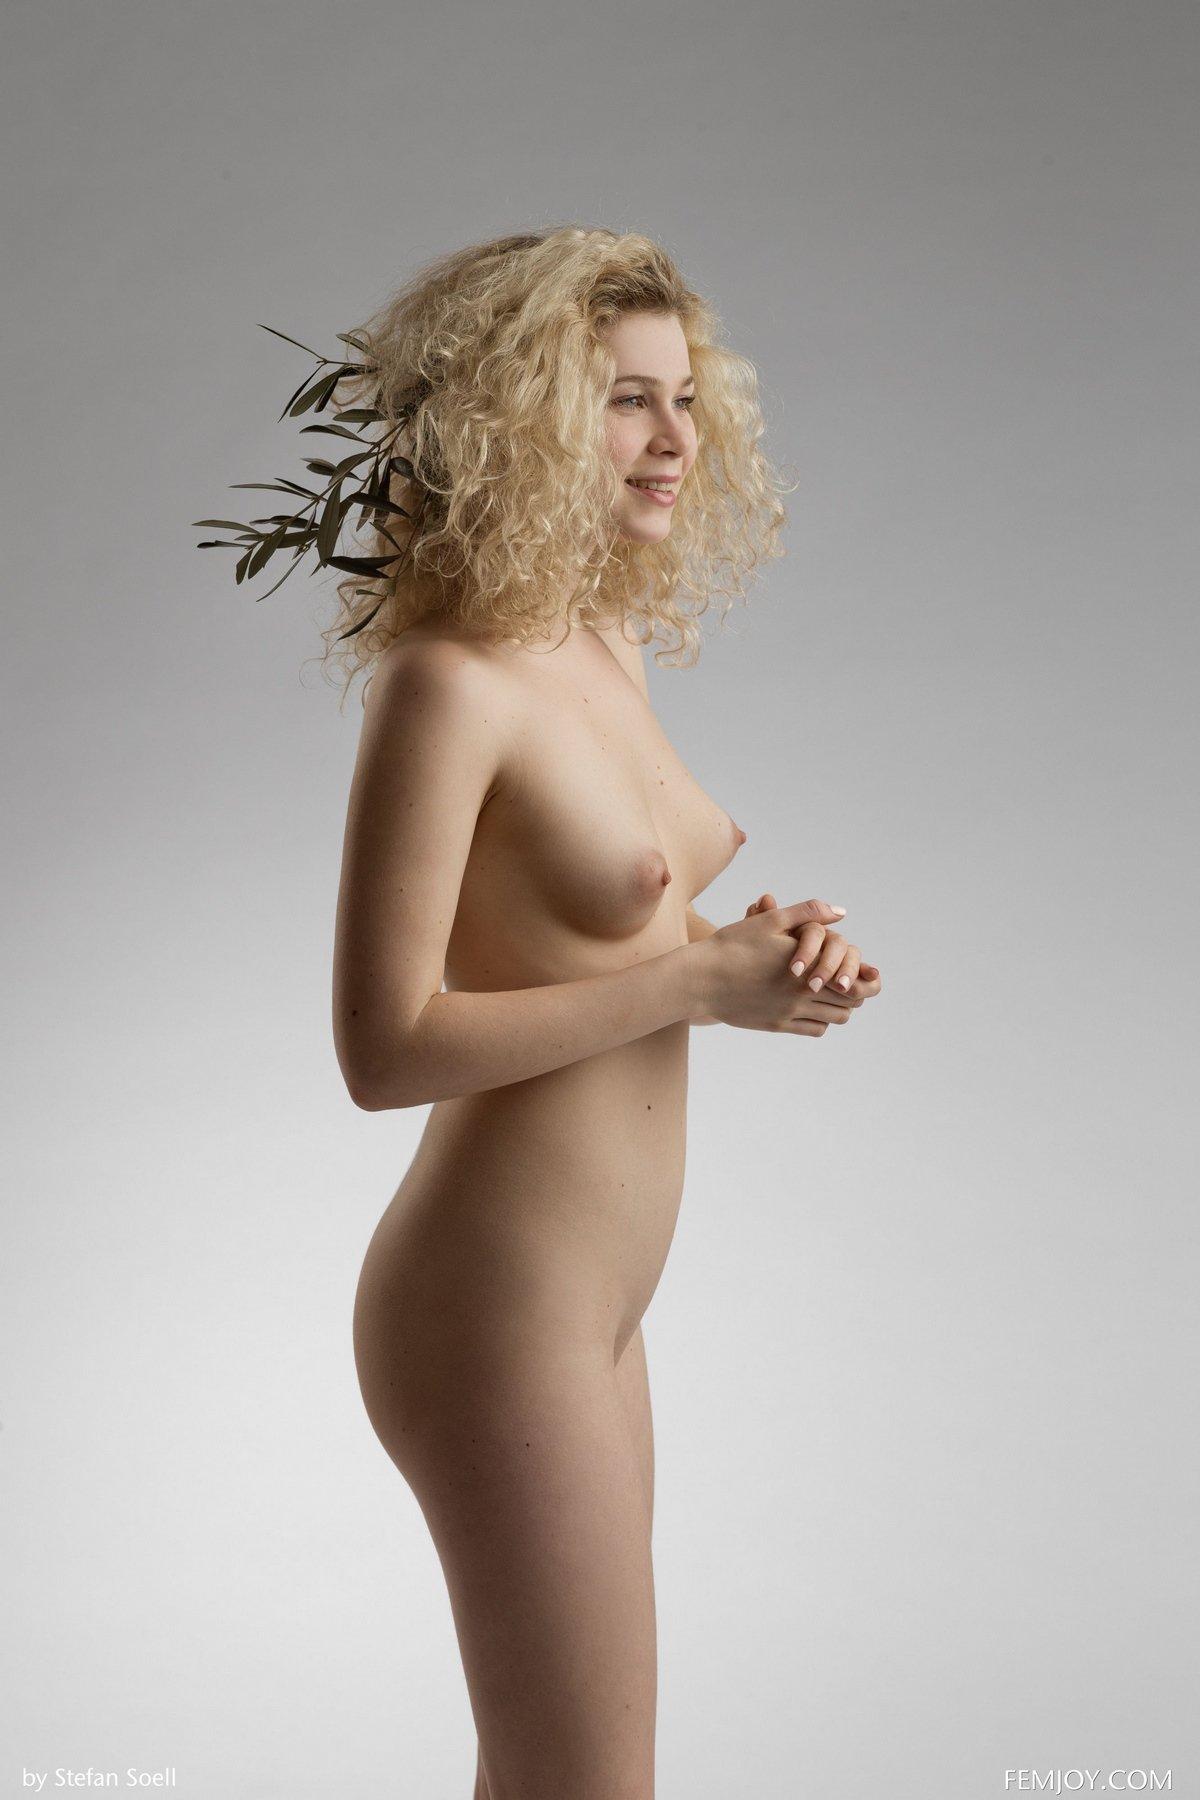 Блондинка красиво позирует с зеленой веточкой